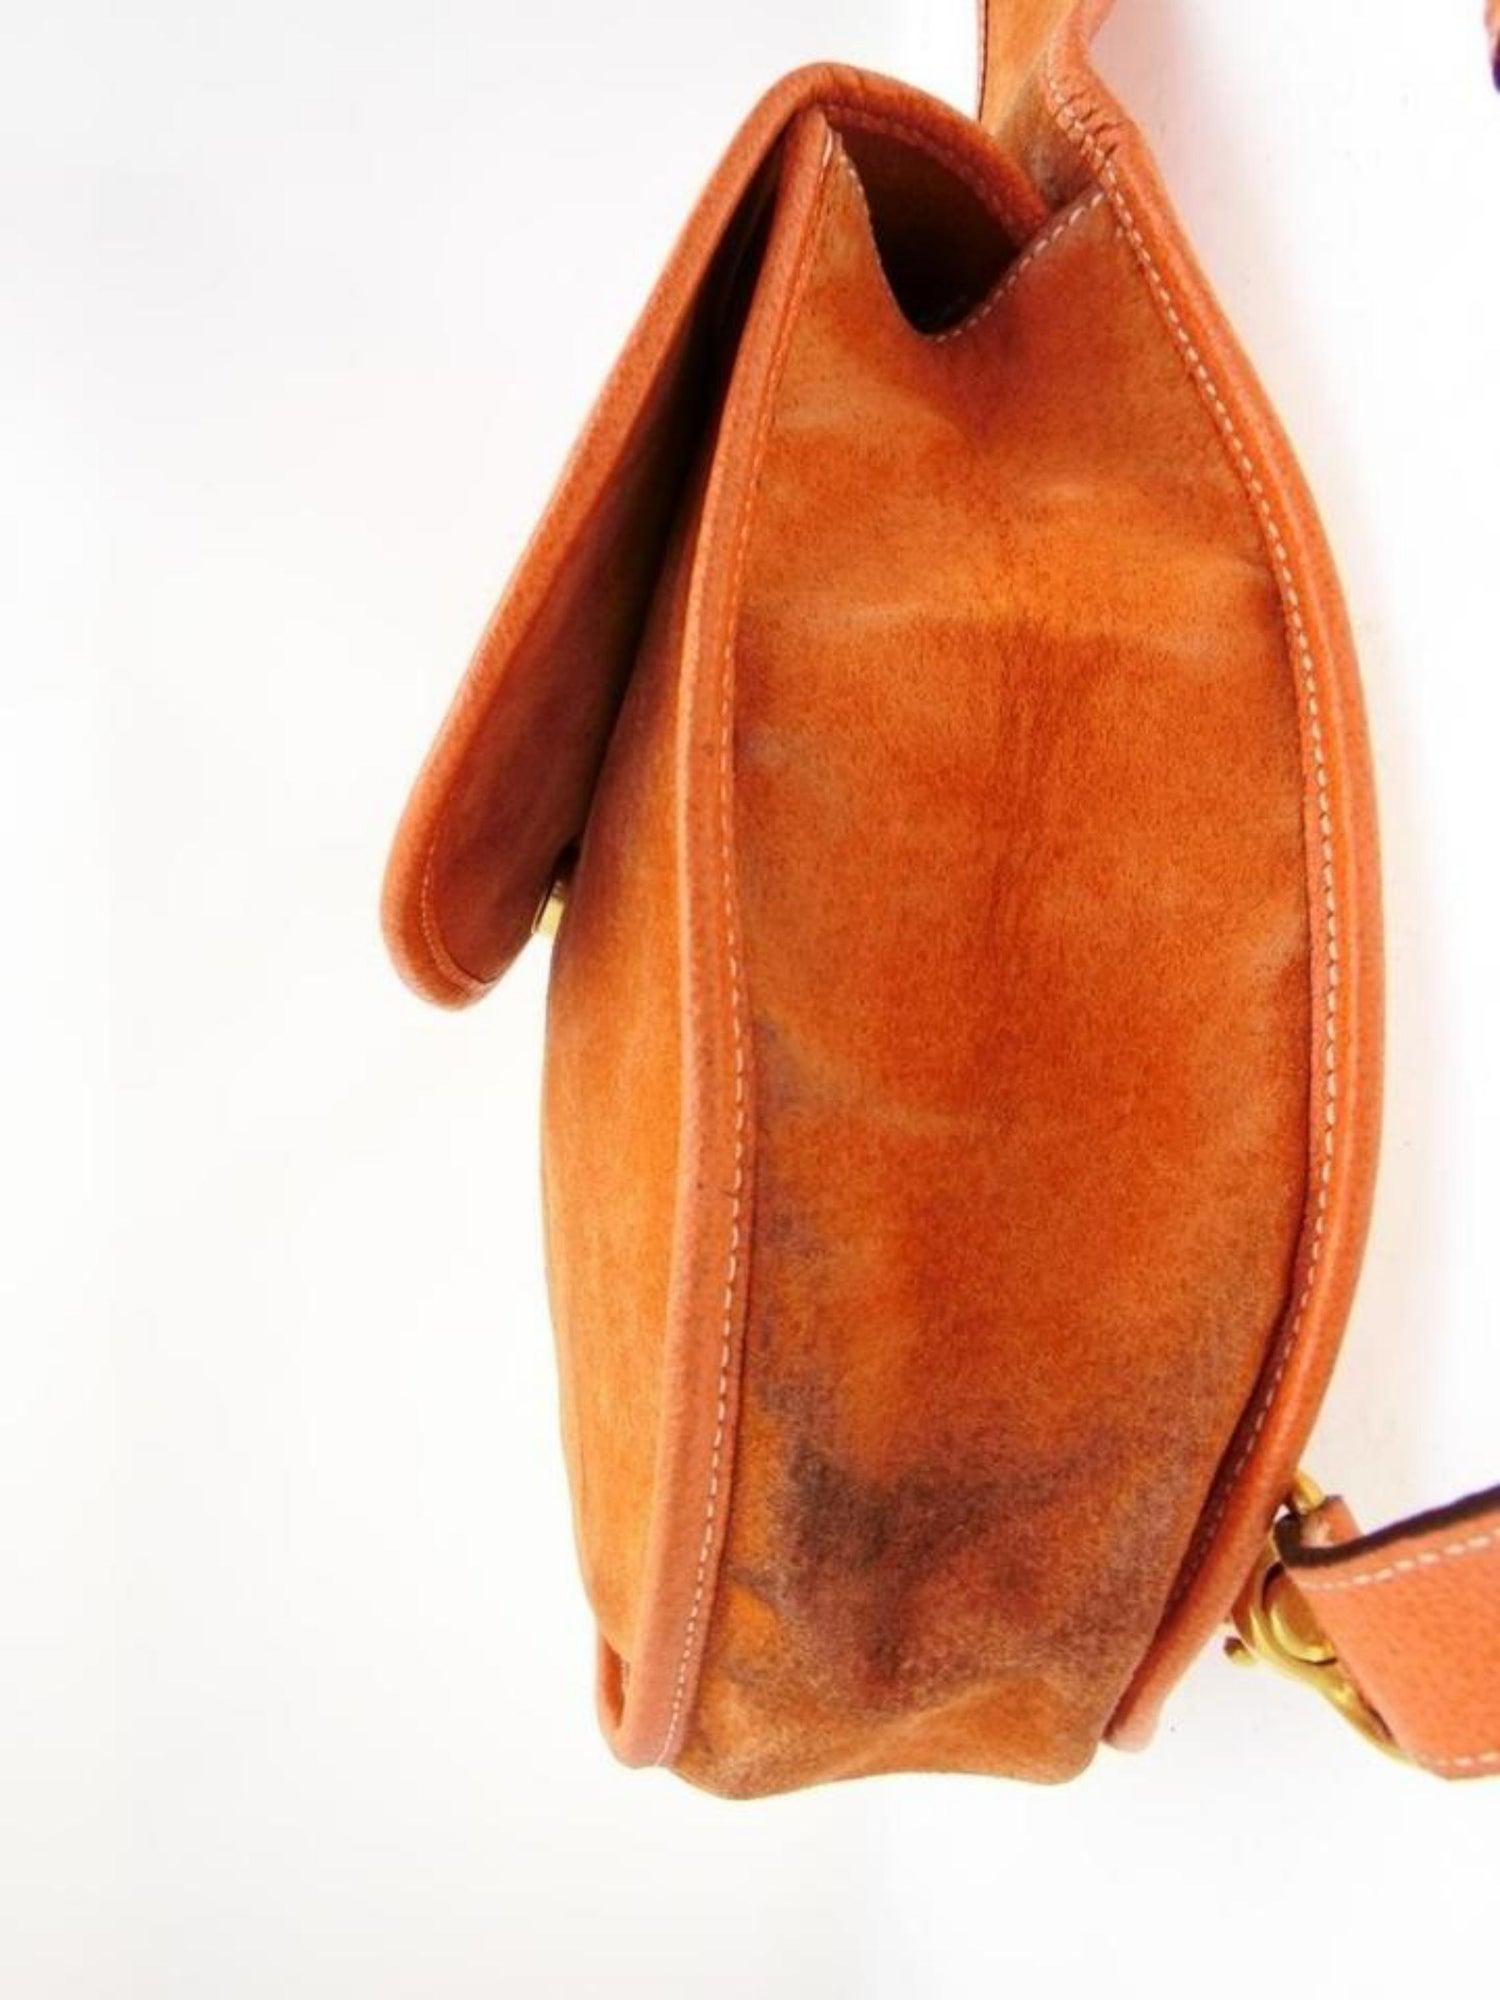 130a46070261 Gucci Horsebit Burnt Body 228677 Orange Suede Leather Shoulder Bag For Sale  at 1stdibs